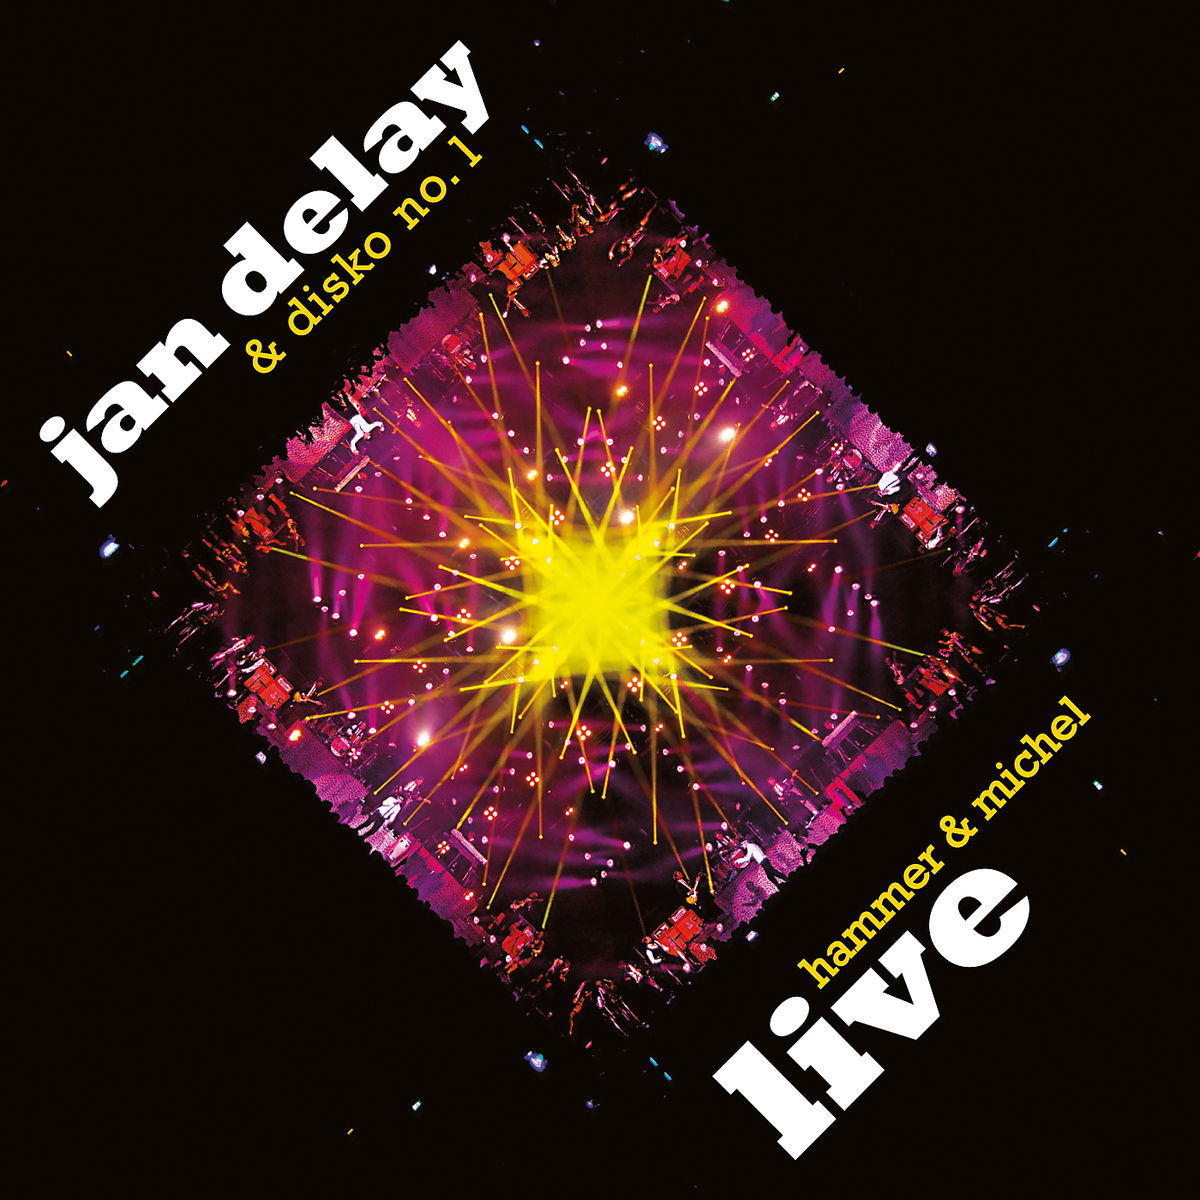 Hammer & Michel (Live Aus Der Philipshalle) von Delay,Jan - CD jetzt im Jan Delay Shop